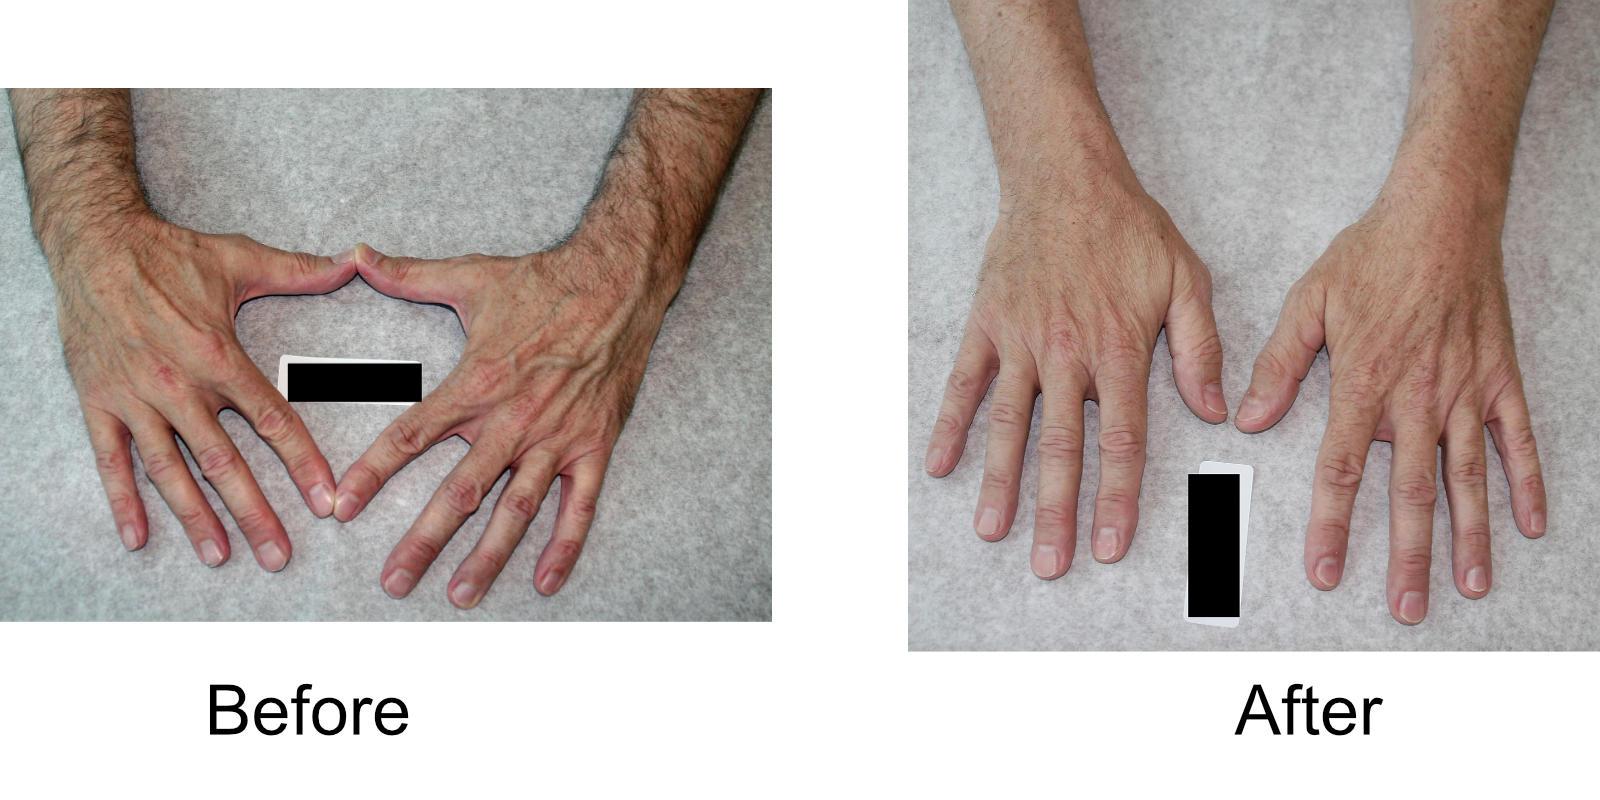 hand-veins-comparison-03